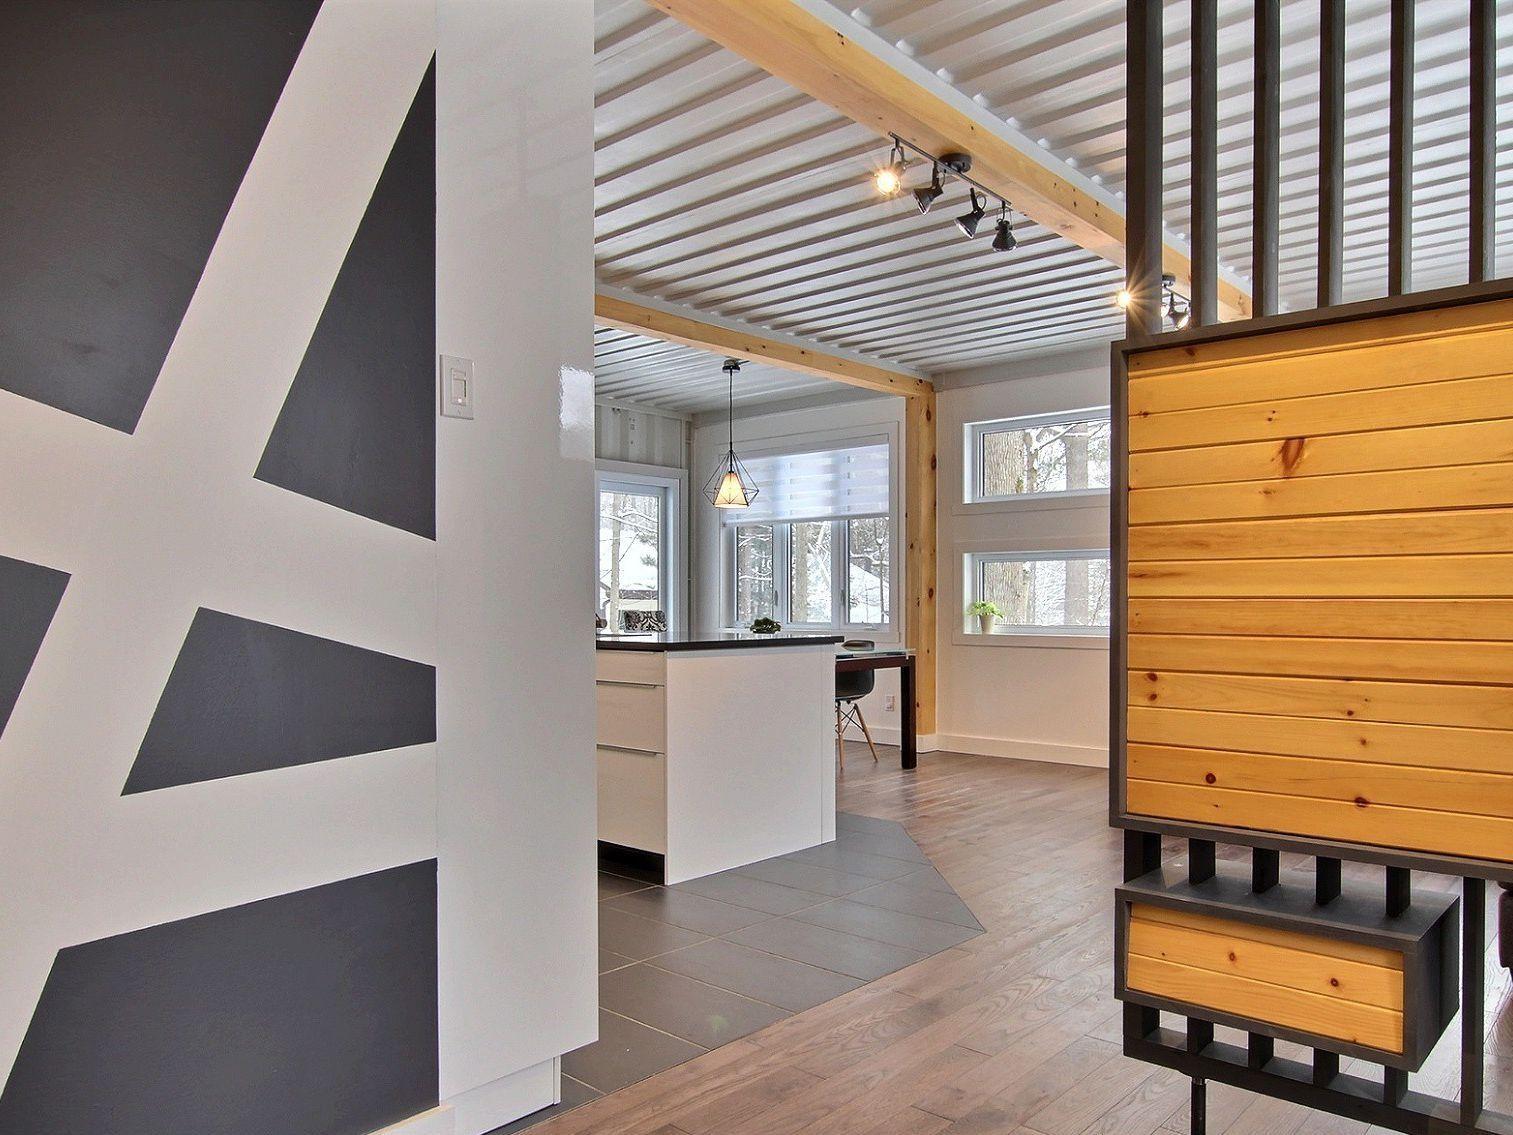 entree-maison-a-un-etage-et-demi-a-vendre-rigaud-quebec-province-1600-8478609.jpg